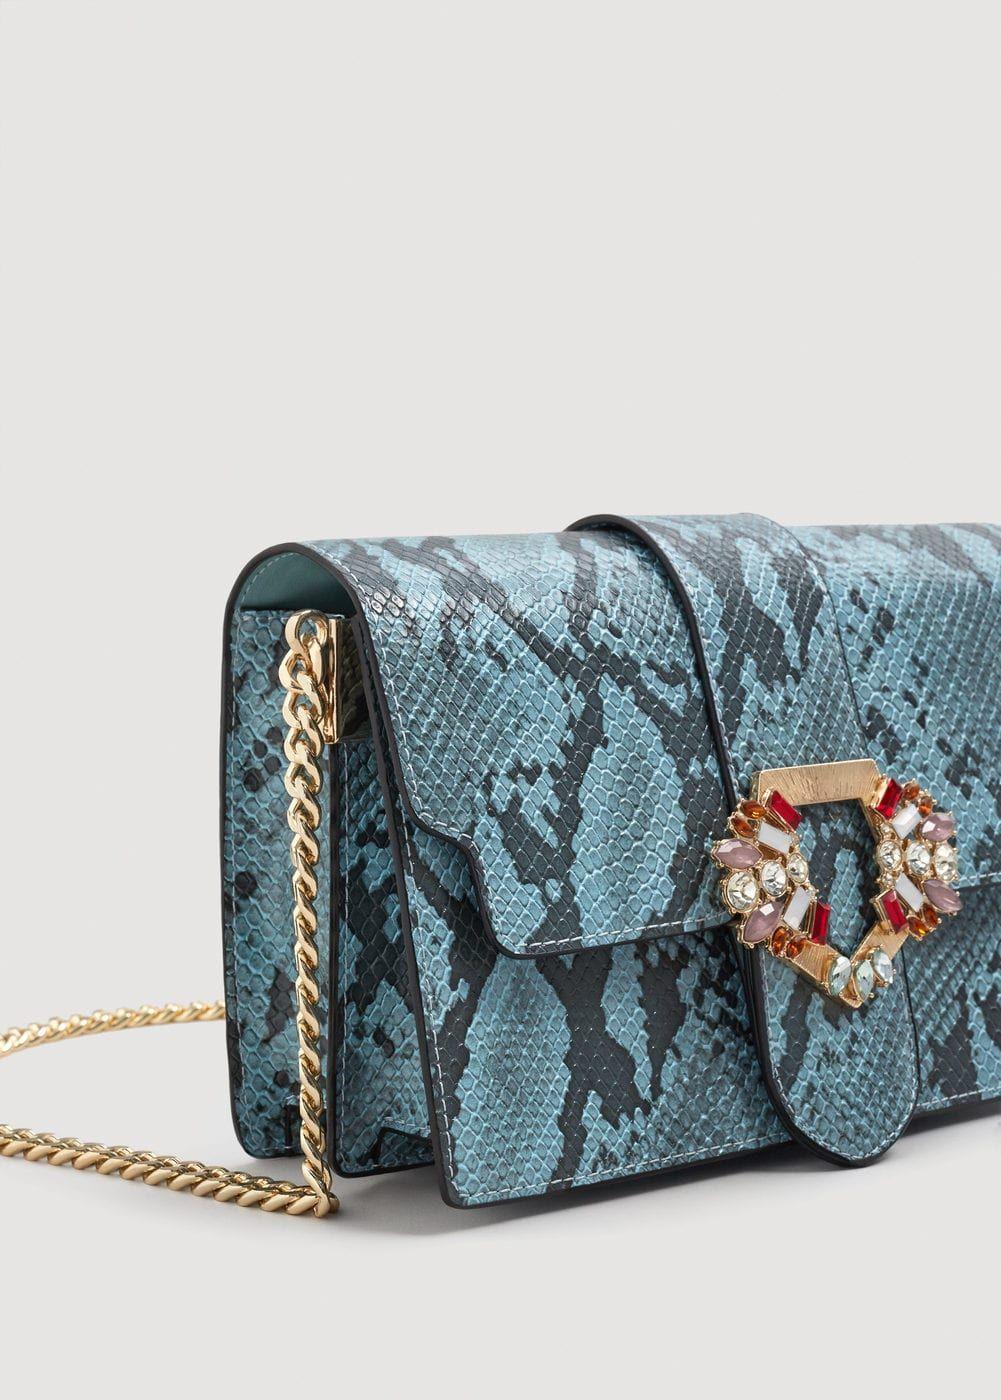 Τσάντα φίδι κρύσταλλα Γυναίκα | Schlangenleder, Mango